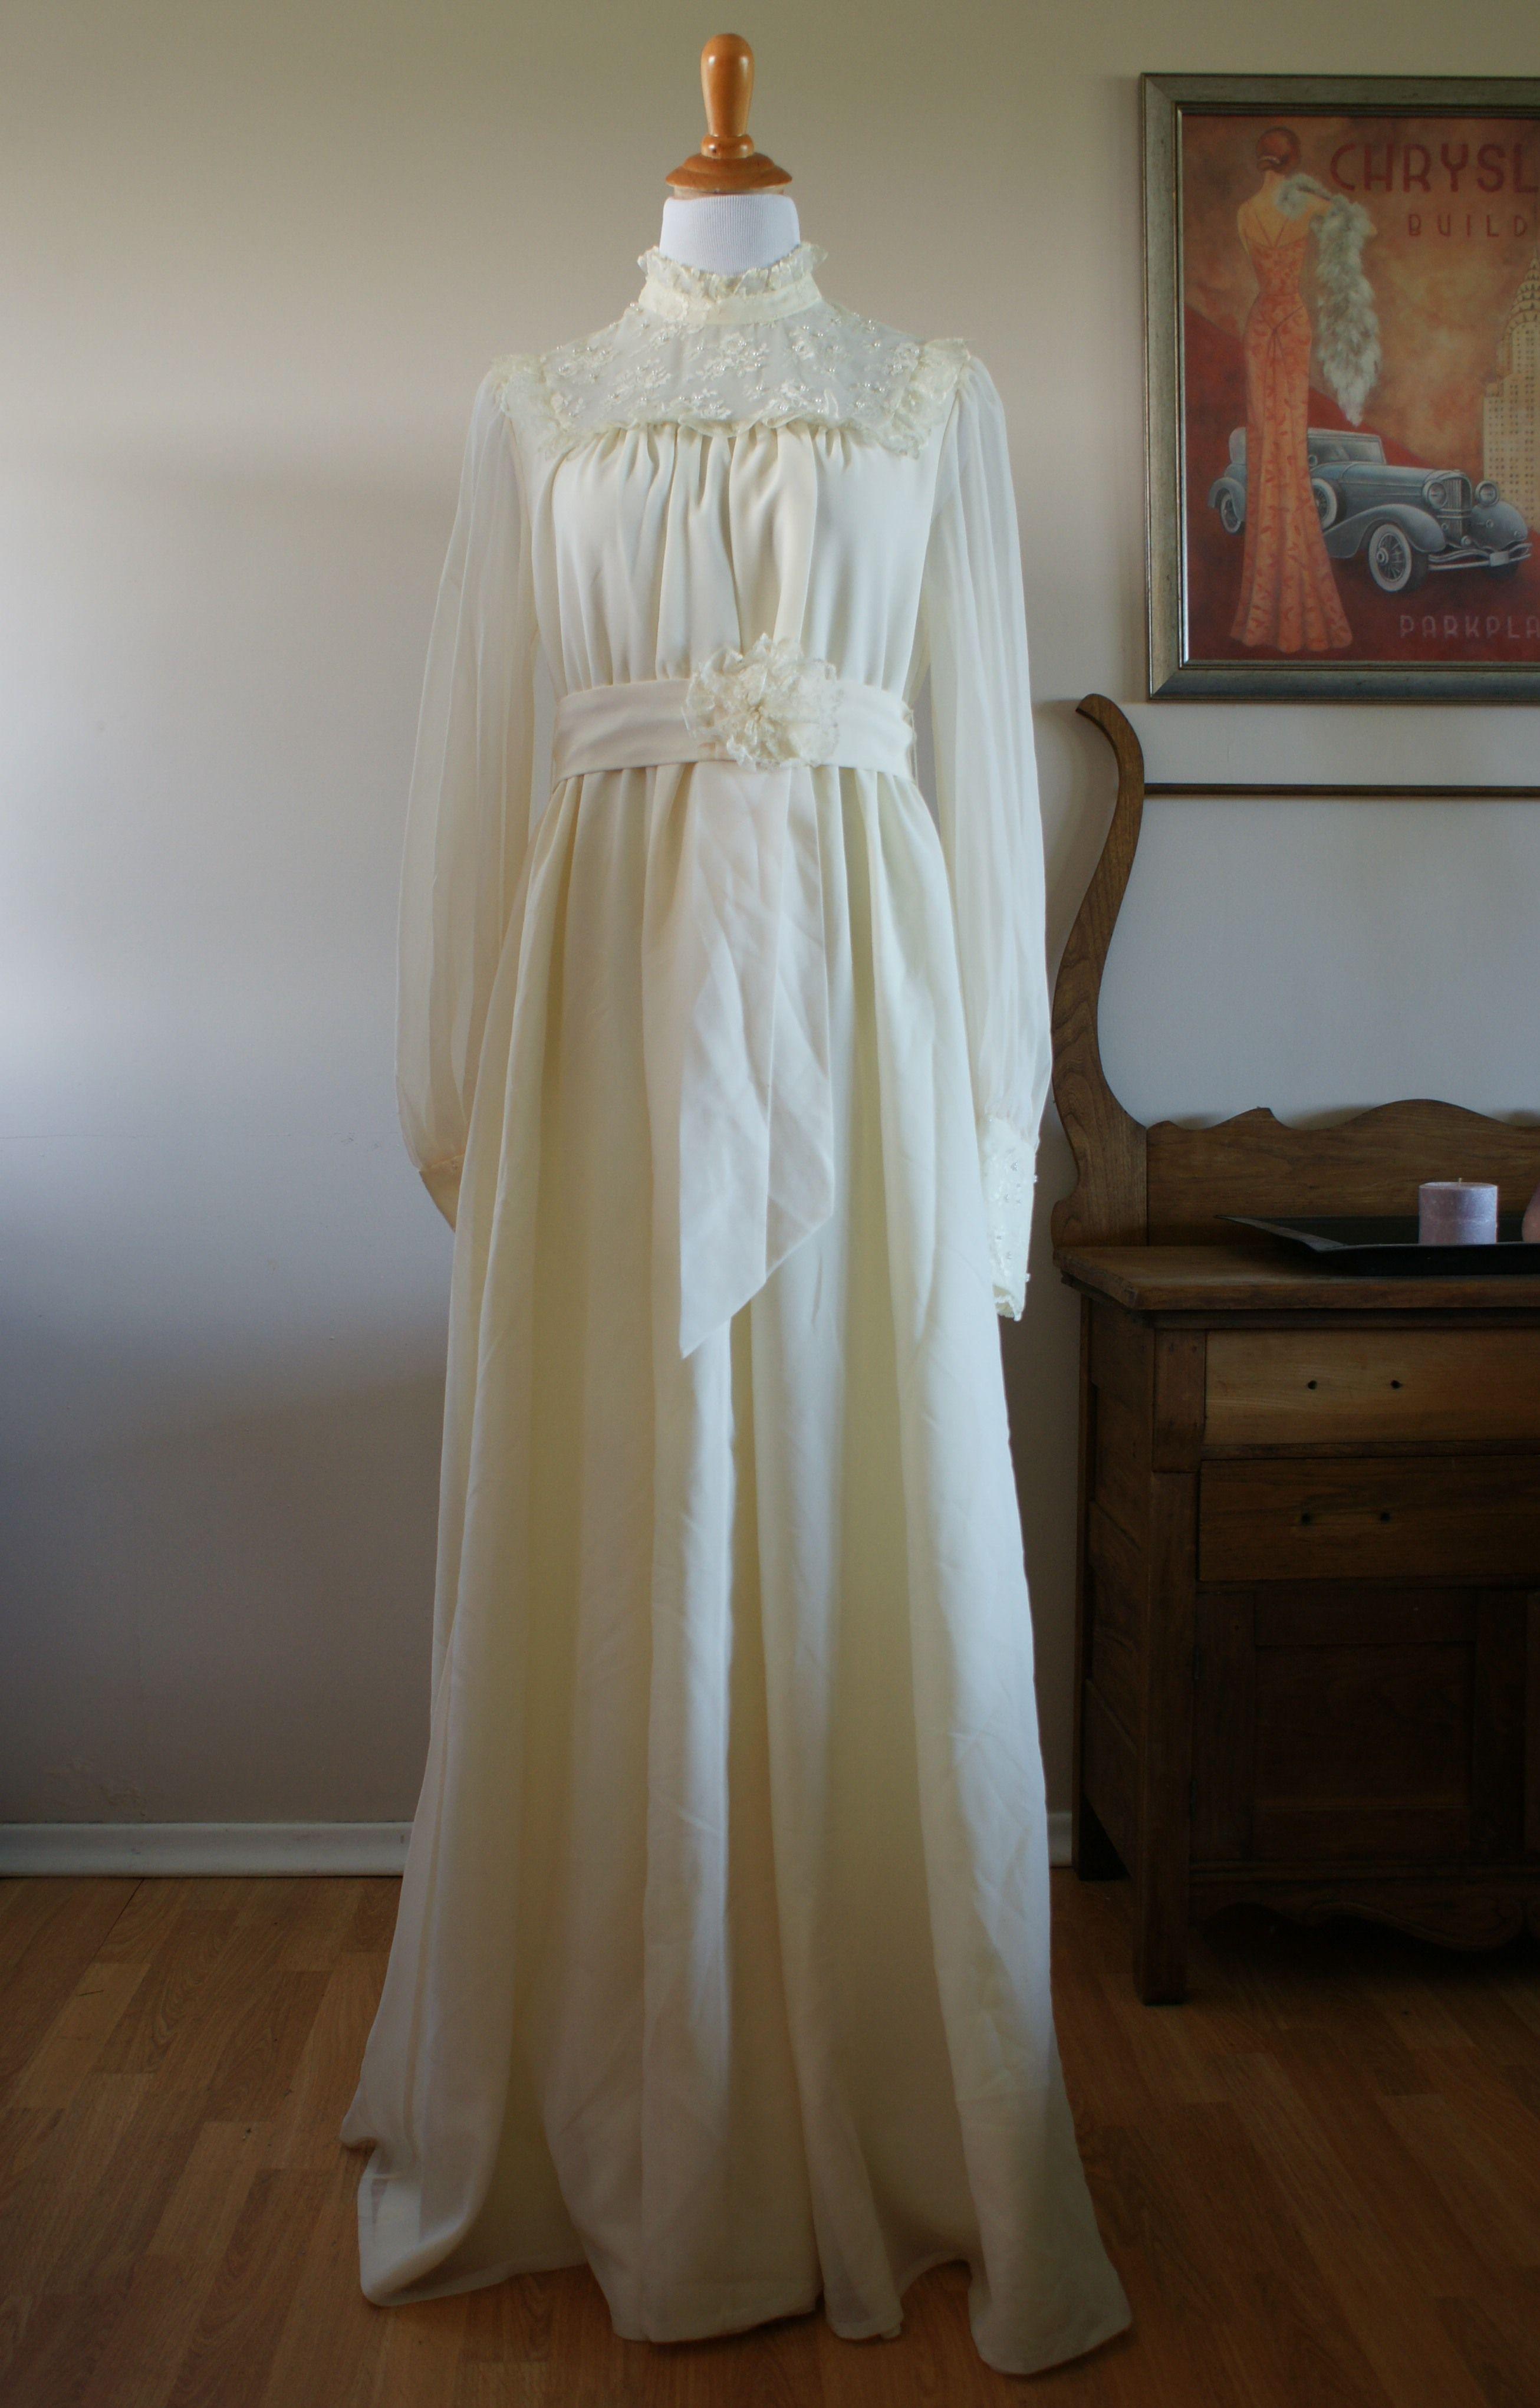 Ivory wedding dresses with sleeves  us Vintage Edwardian Style Lace Yolk Long Sleeve Ivory Chiffon